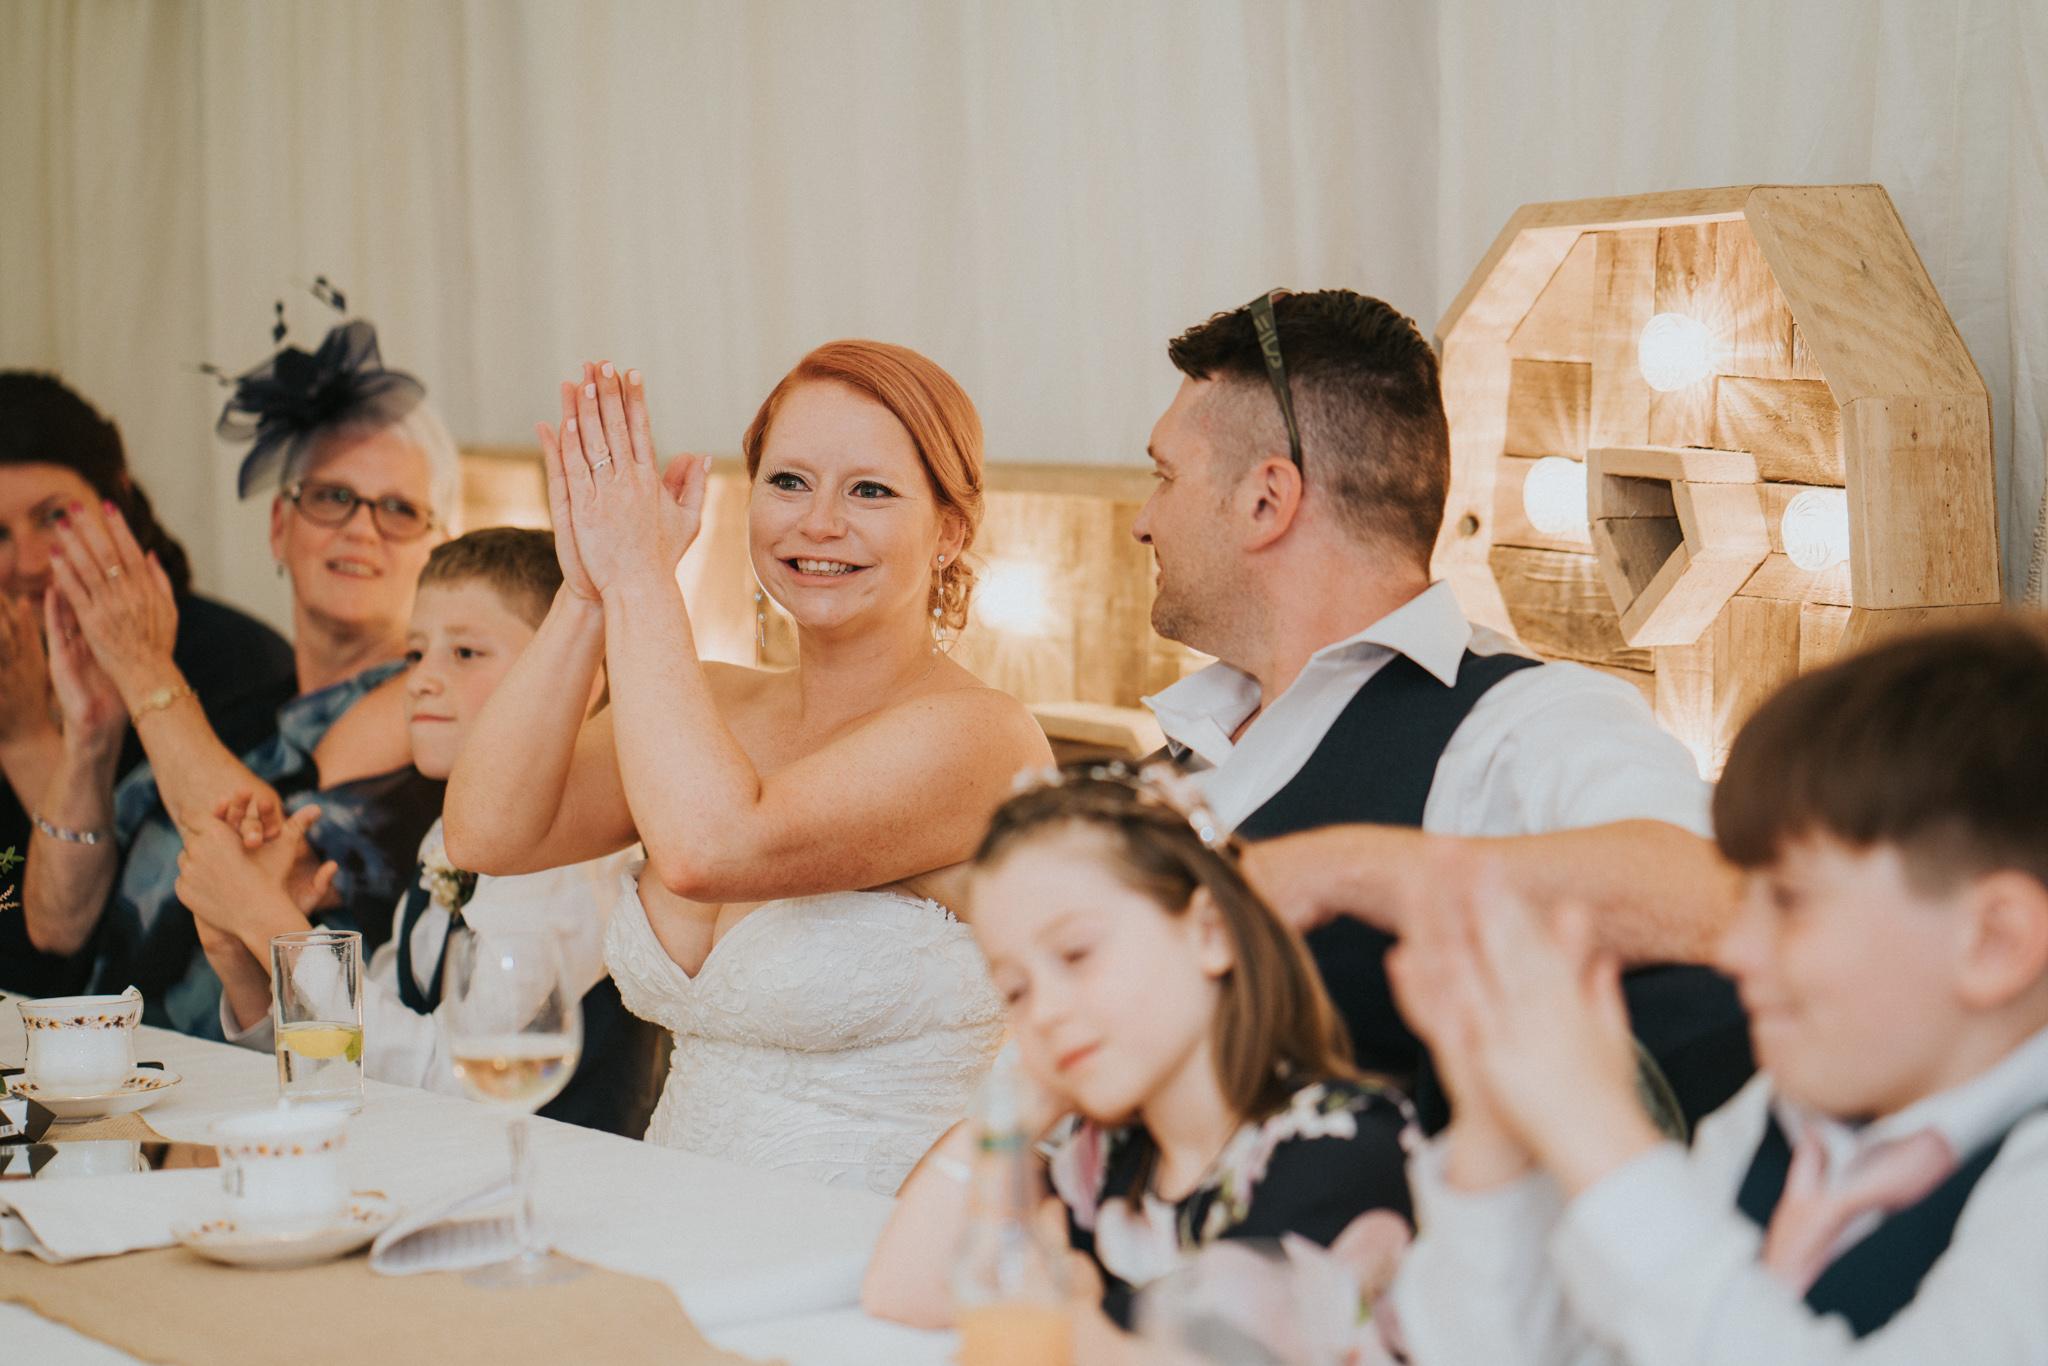 steph-neil-red-brick-barn-rochford-wedding-grace-elizabeth-colchester-essex-alternative-wedding-photographer-essex-suffolk-norfolk-devon (39 of 43).jpg